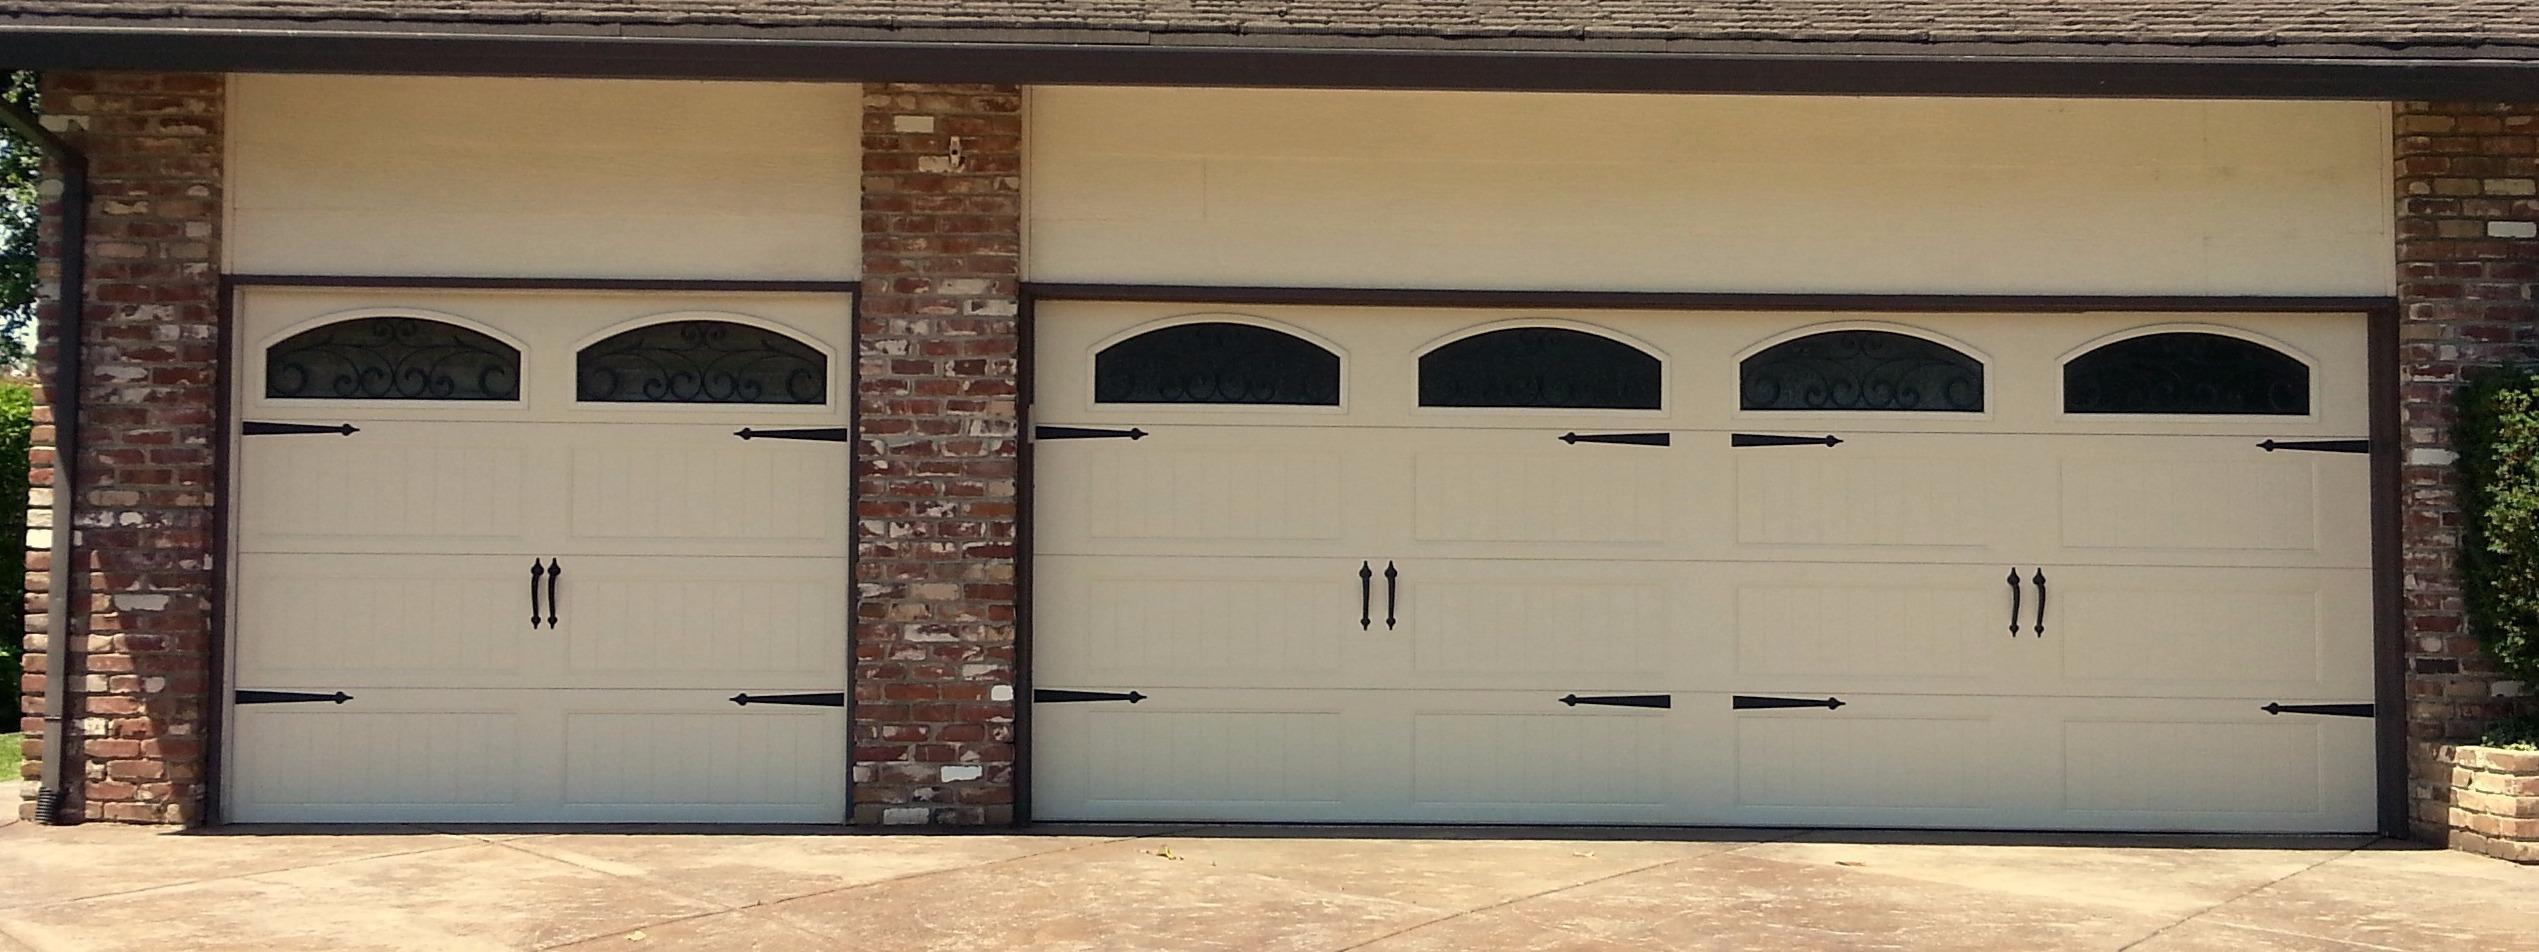 952 #B57816 Doors Metal In Houston TX Houston Texas Doors Metal IBegin image Overhead Doors Houston 36032539